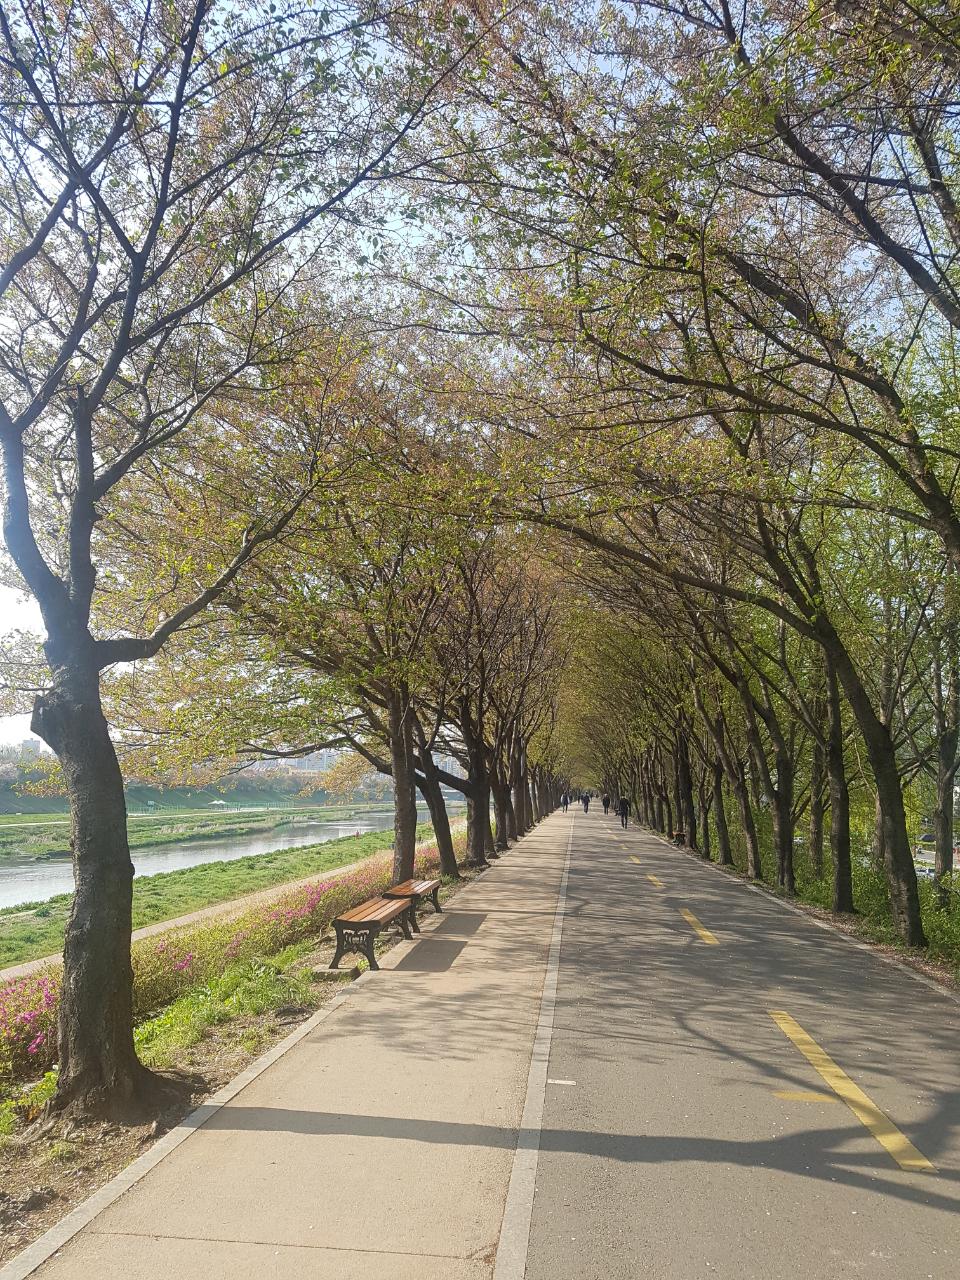 미세먼지 없는 날, 안양천벚나무길 산책